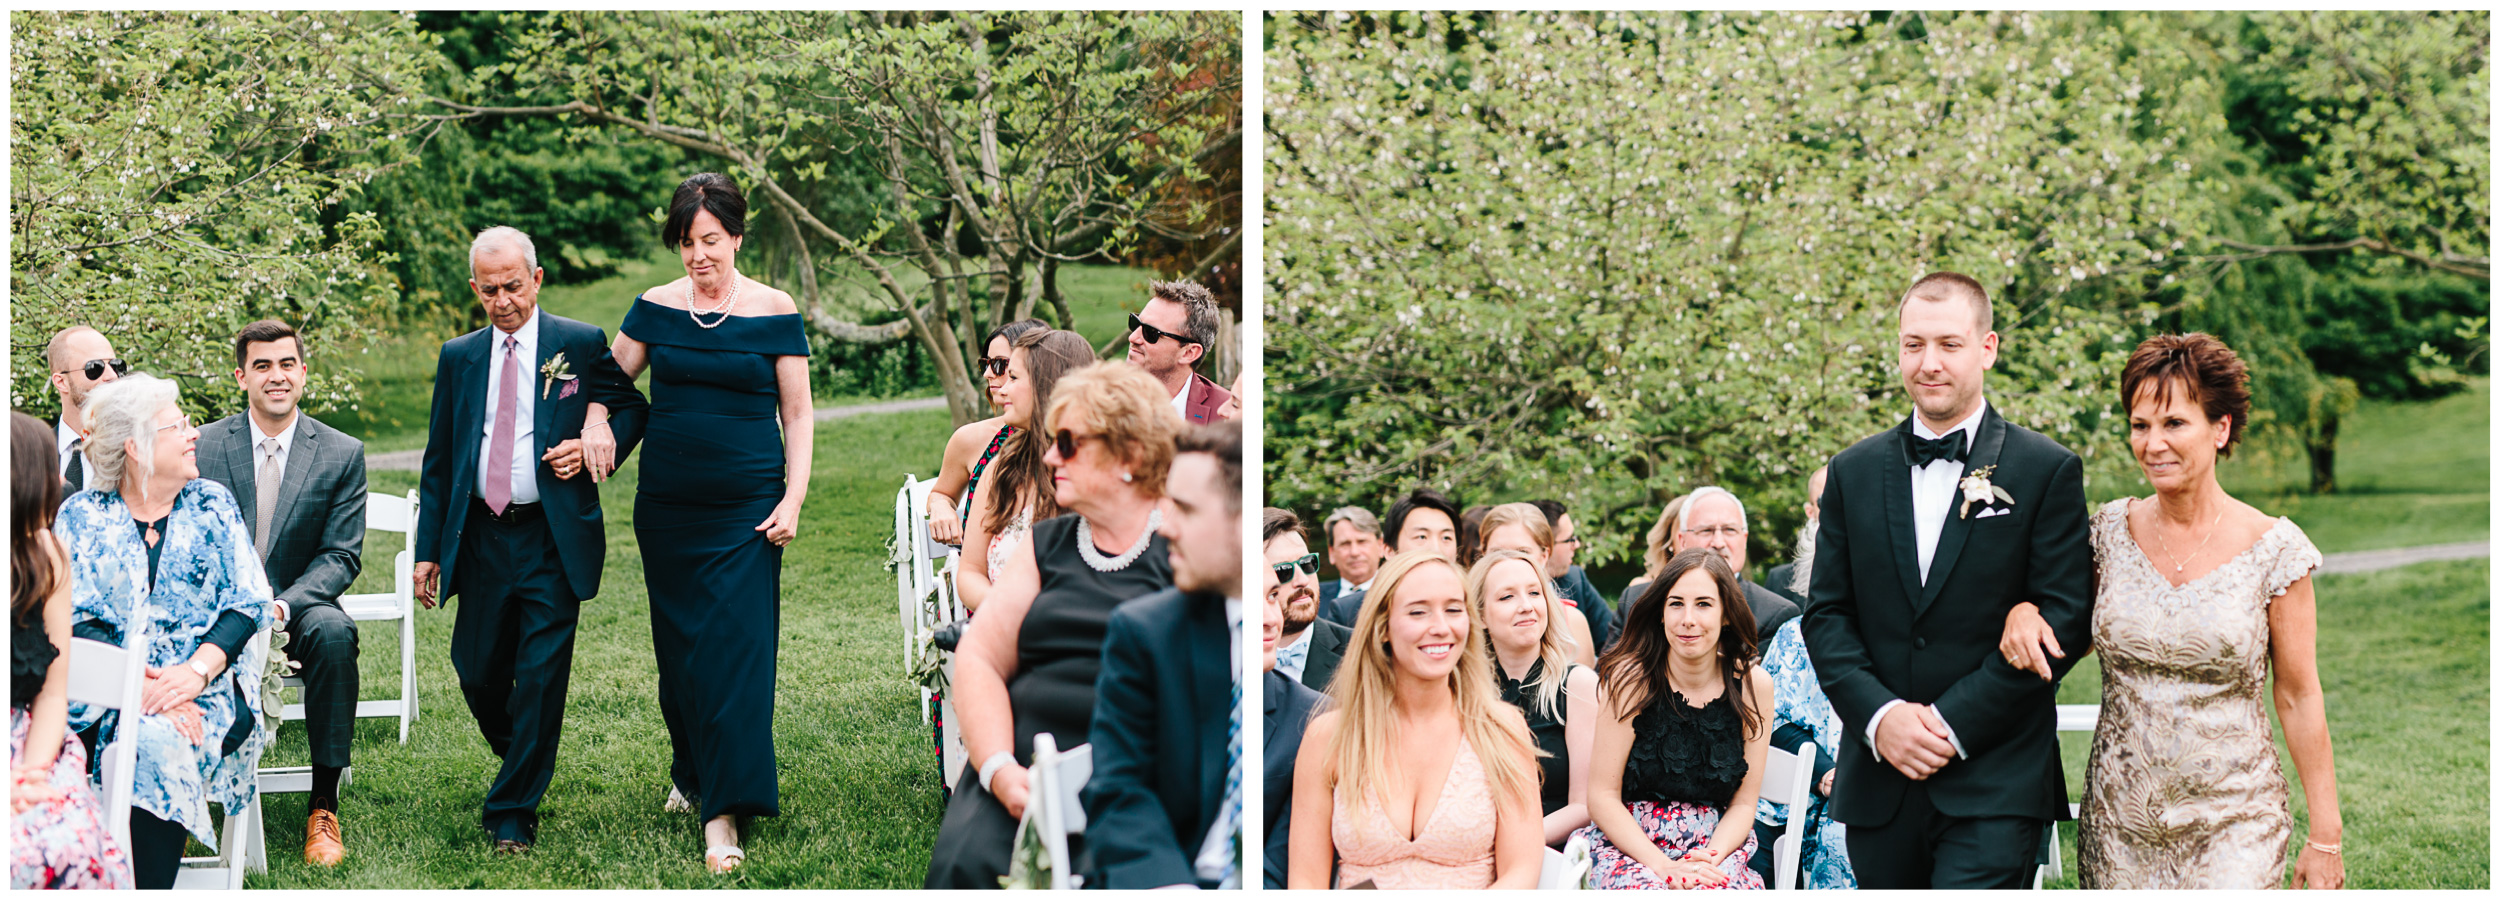 mohonk_wedding_35.jpg